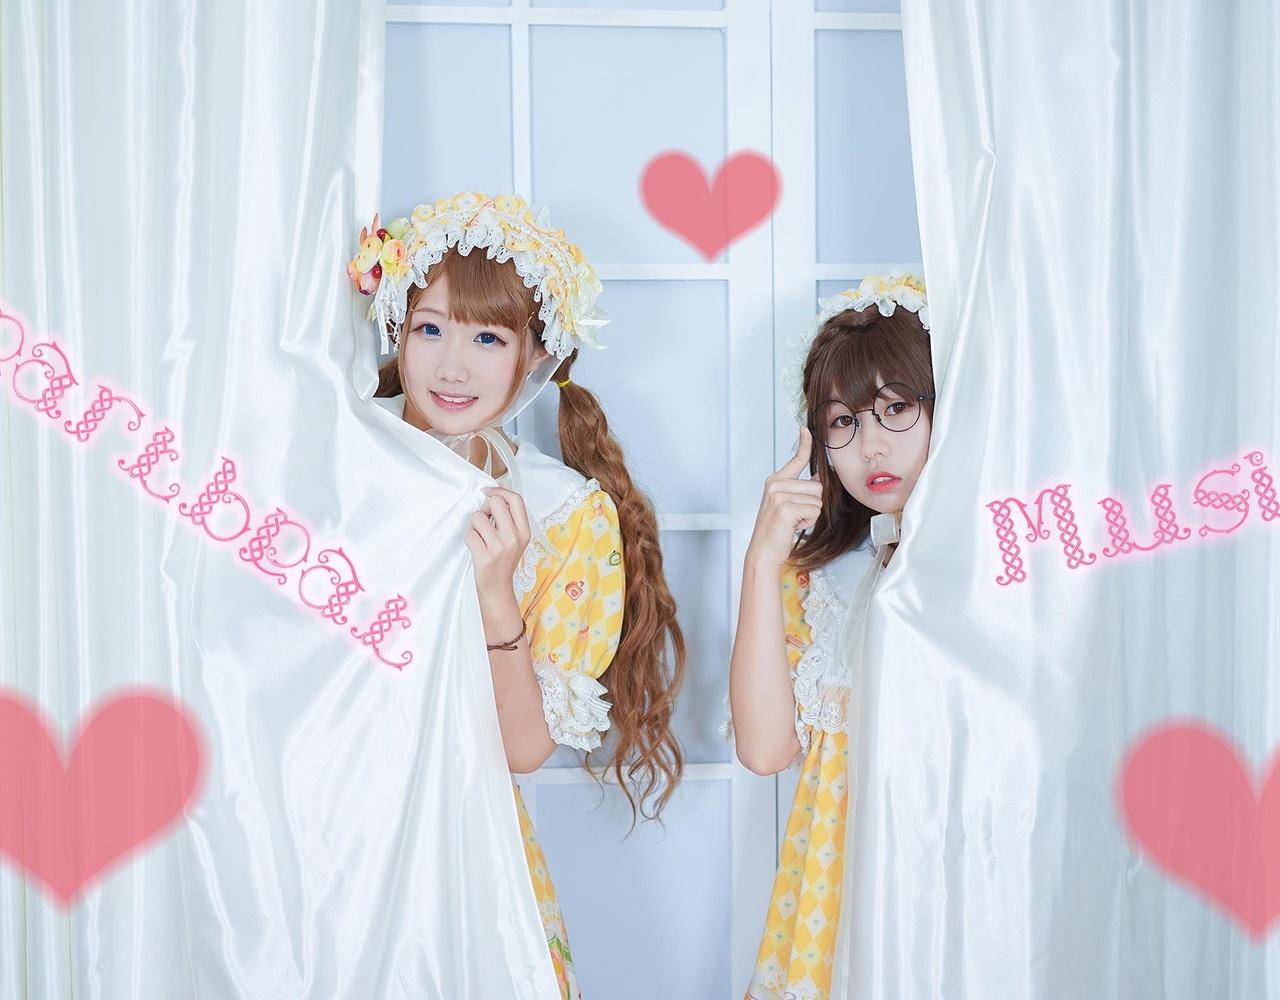 【秋月×仓鼠】heartbeat music【谈恋爱吗小姐姐~】